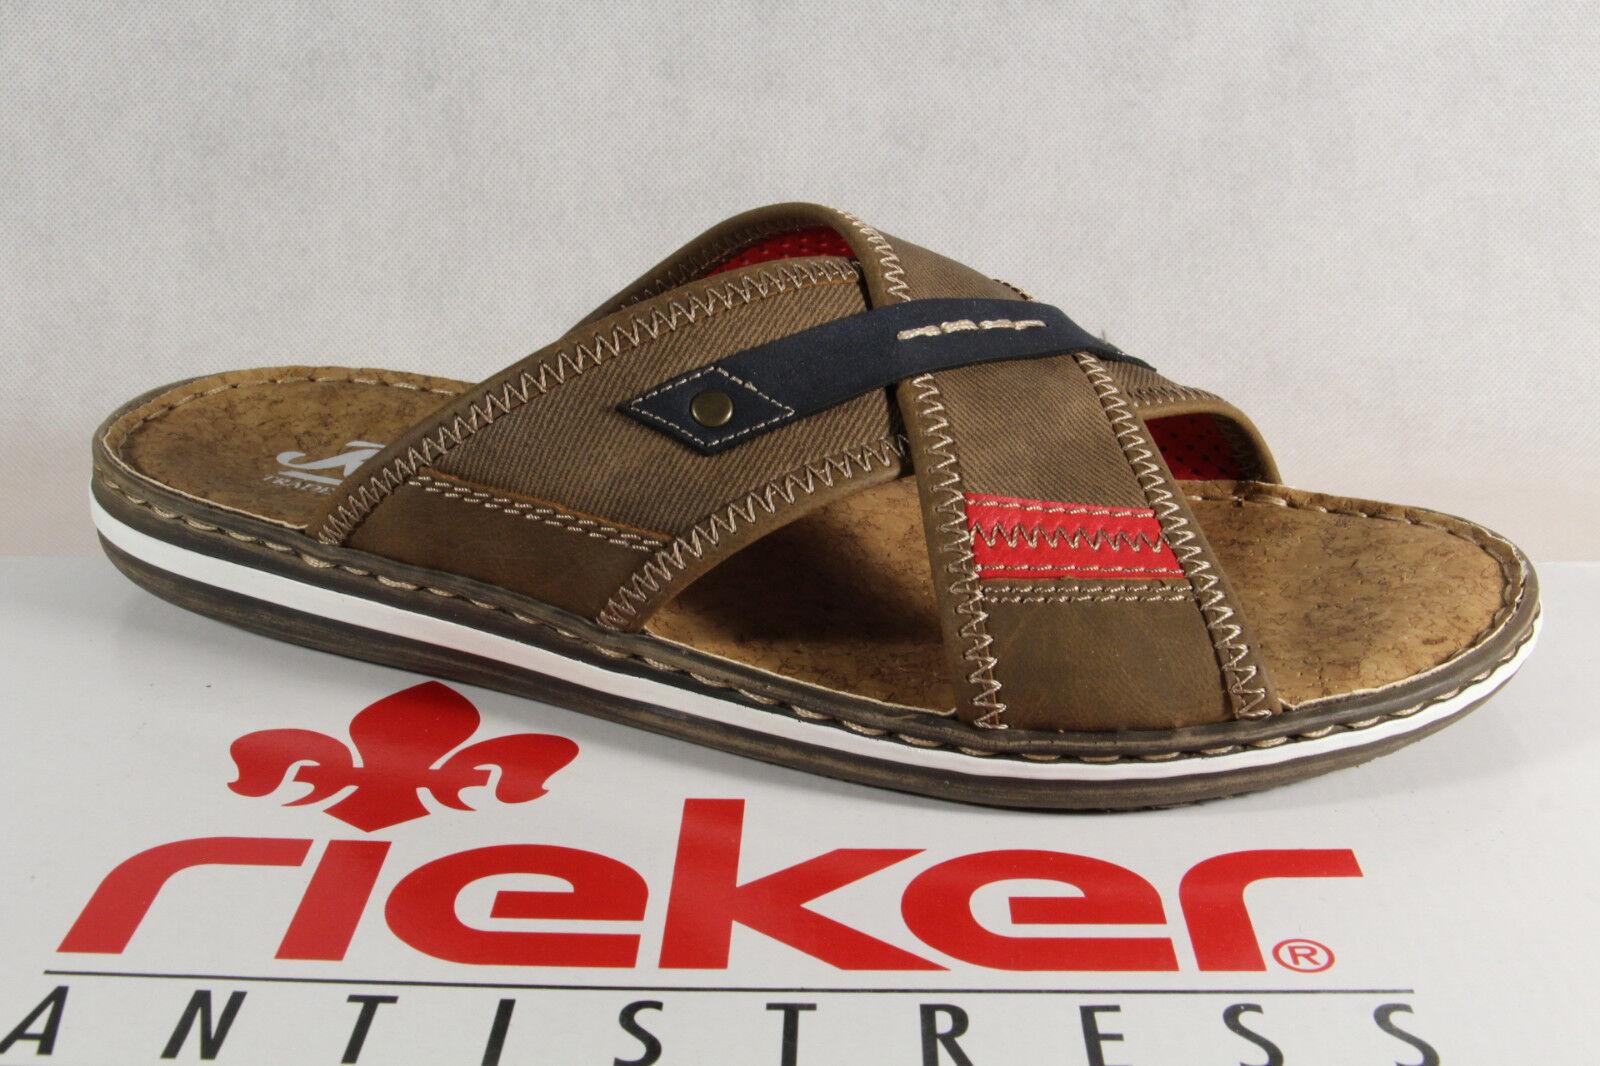 Sandali e scarpe per il mare da uomo Ciabatte Rieker Sandali Ciabatte uomo Zoccoli Pantofola Pantofole Marrone 21053 Nuovo 104f24